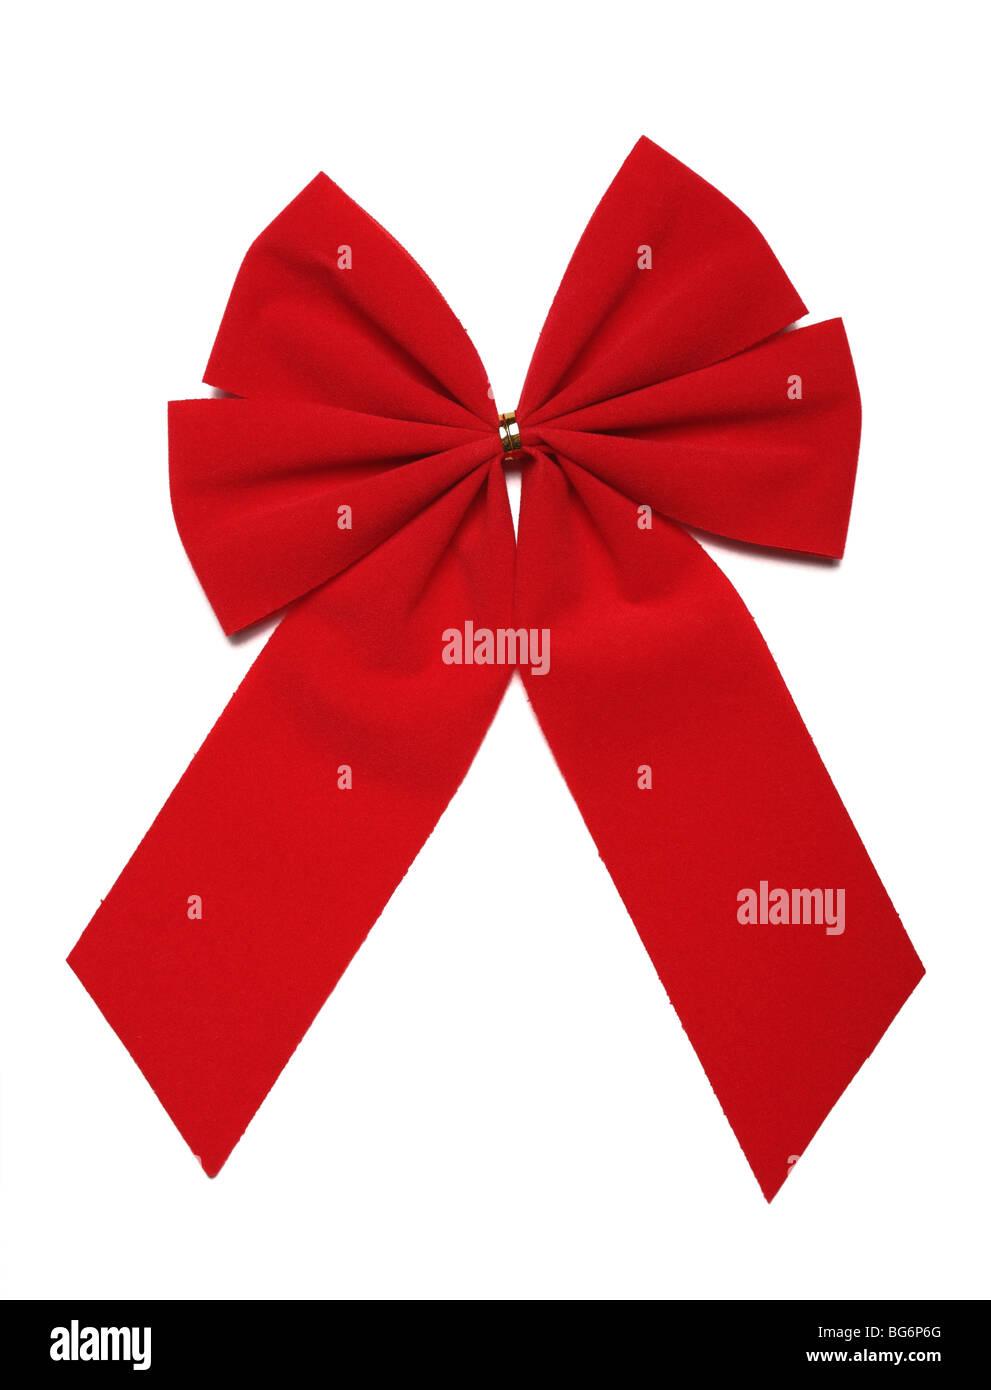 Navidad roja Bow aislado sobre fondo blanco con trazado de recorte. El objeto perfecto para su arte. Imagen De Stock